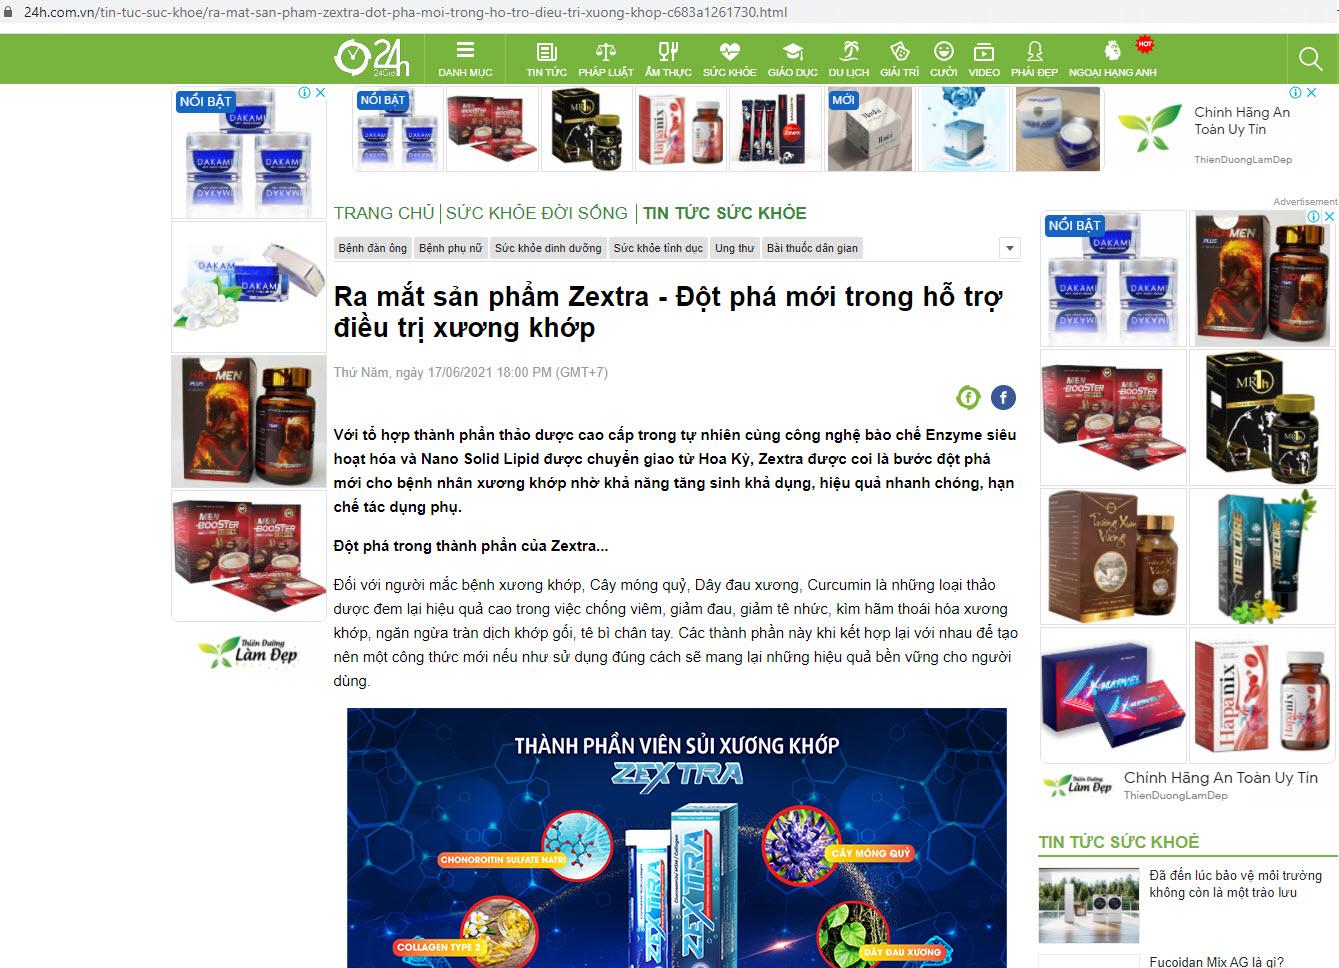 Báo 24h đưa tin về sản phẩm viên sủi Zextra